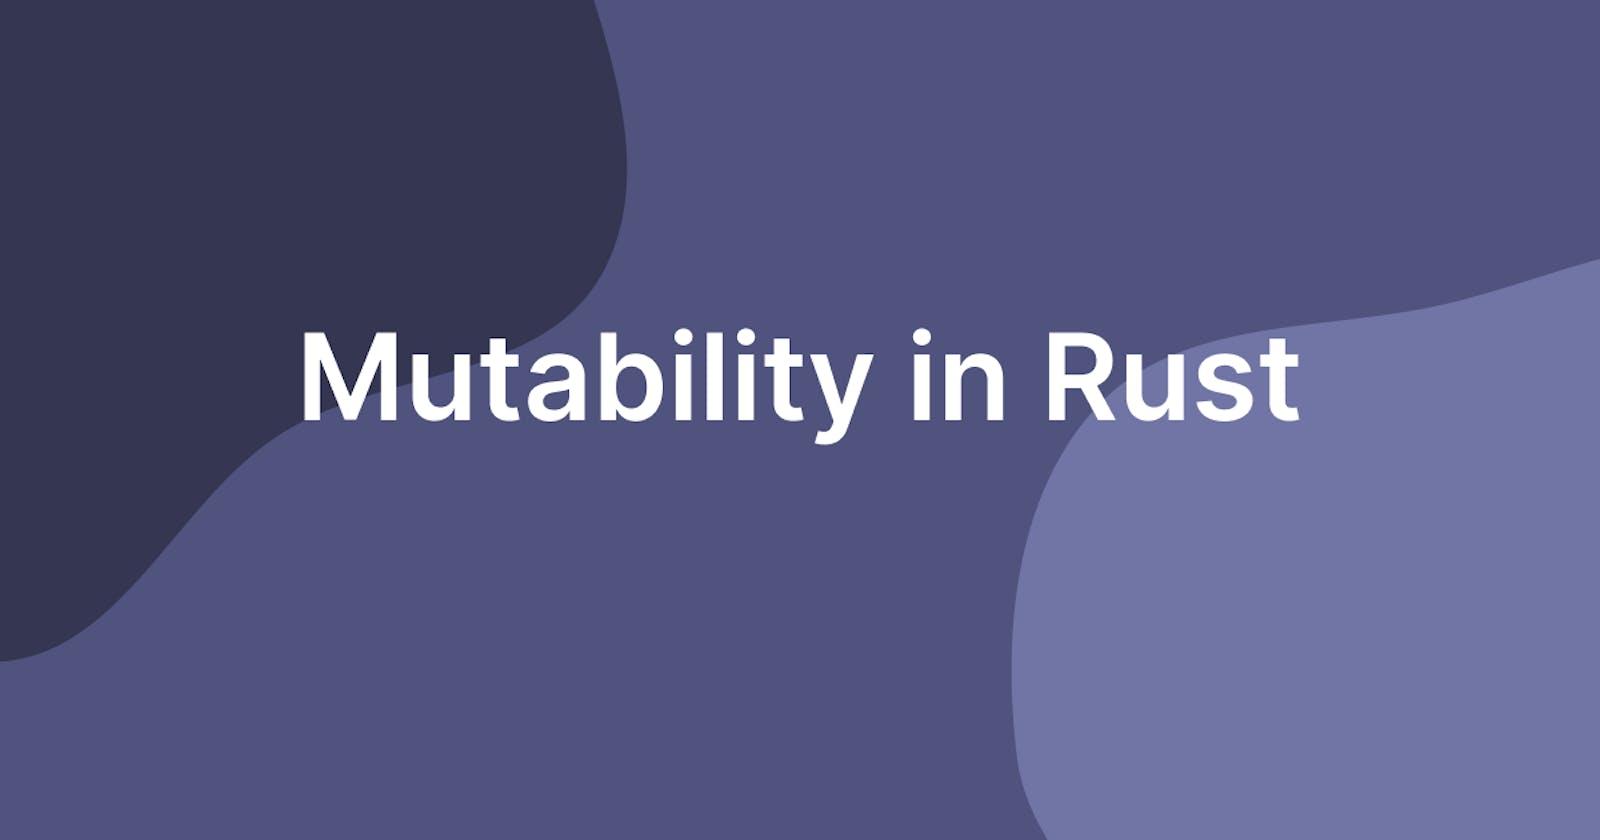 Mutability in Rust